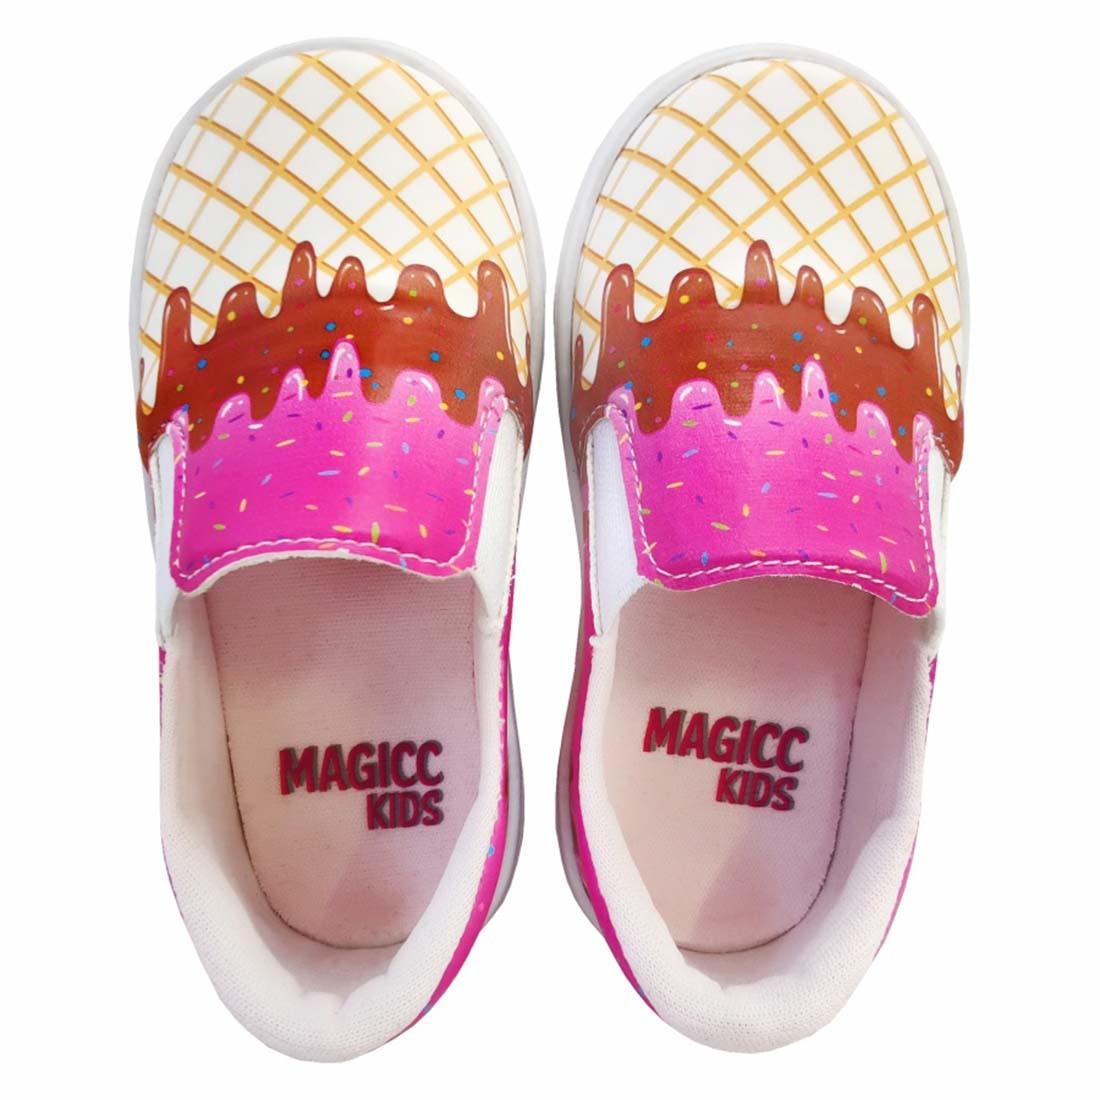 Kit Infantil Bolsa e Tênis Sorvete, Magicc Kids